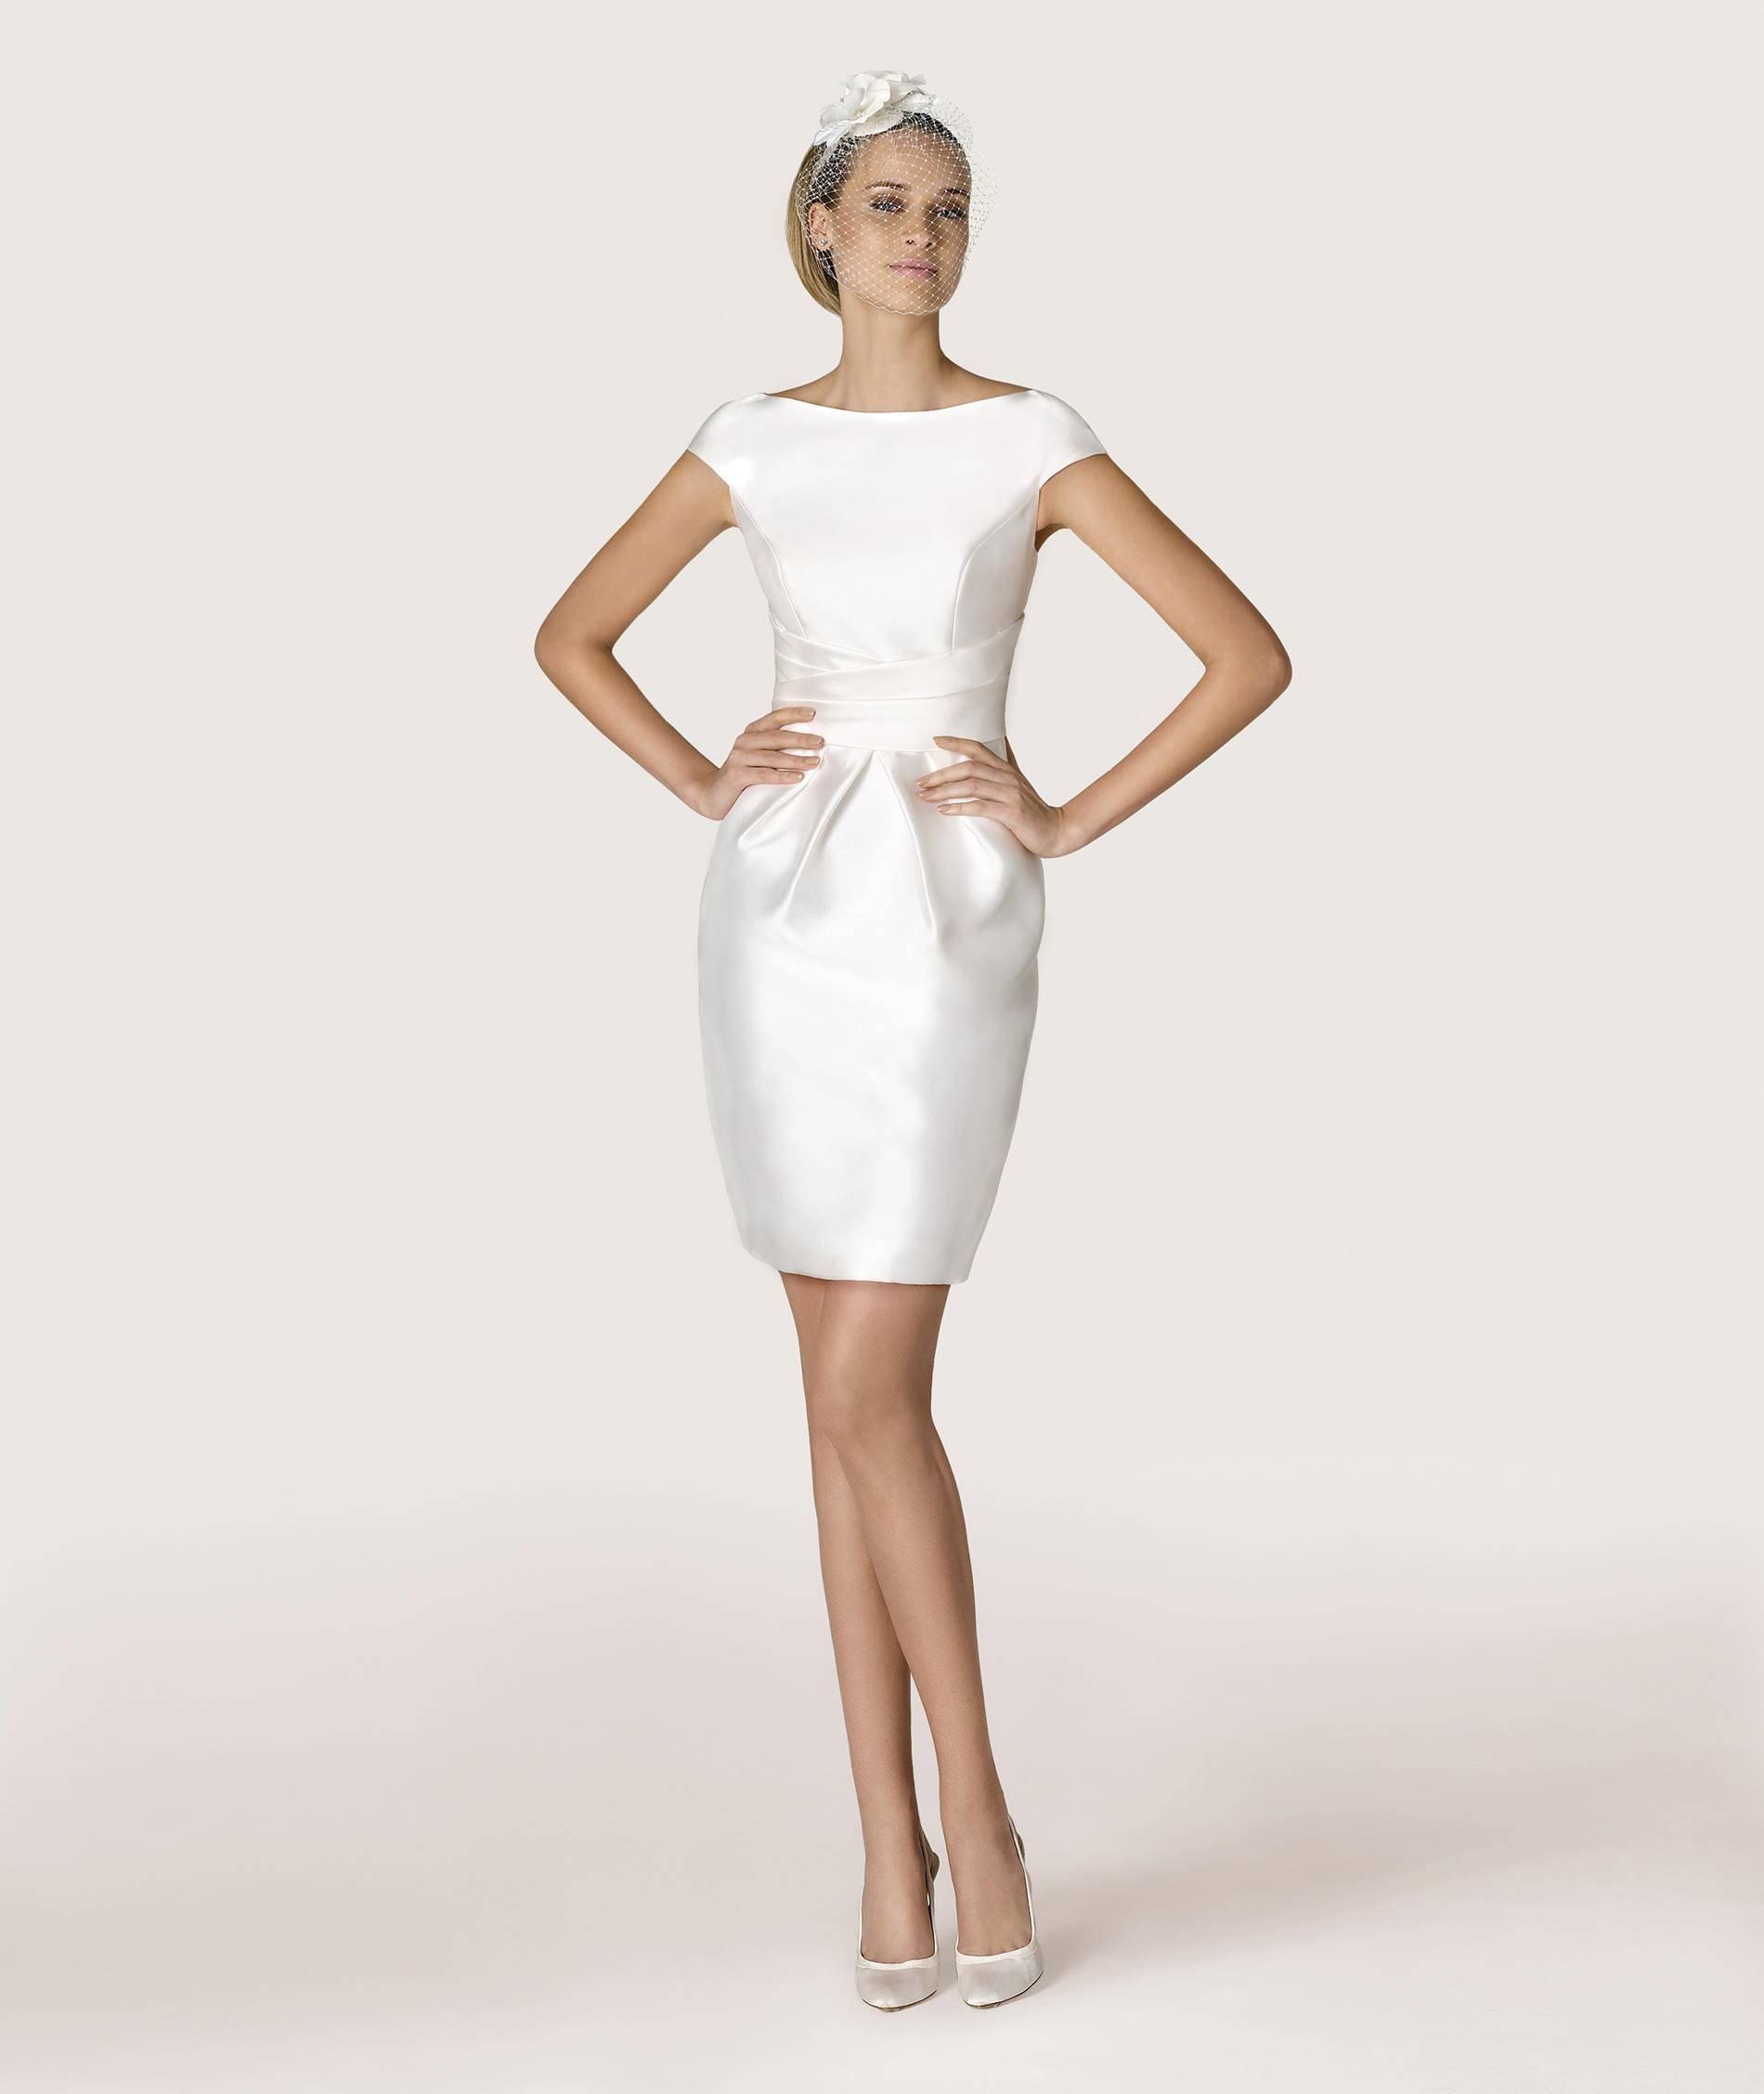 Модное свадебное платье для зимы 2020 года: мега тренды фото